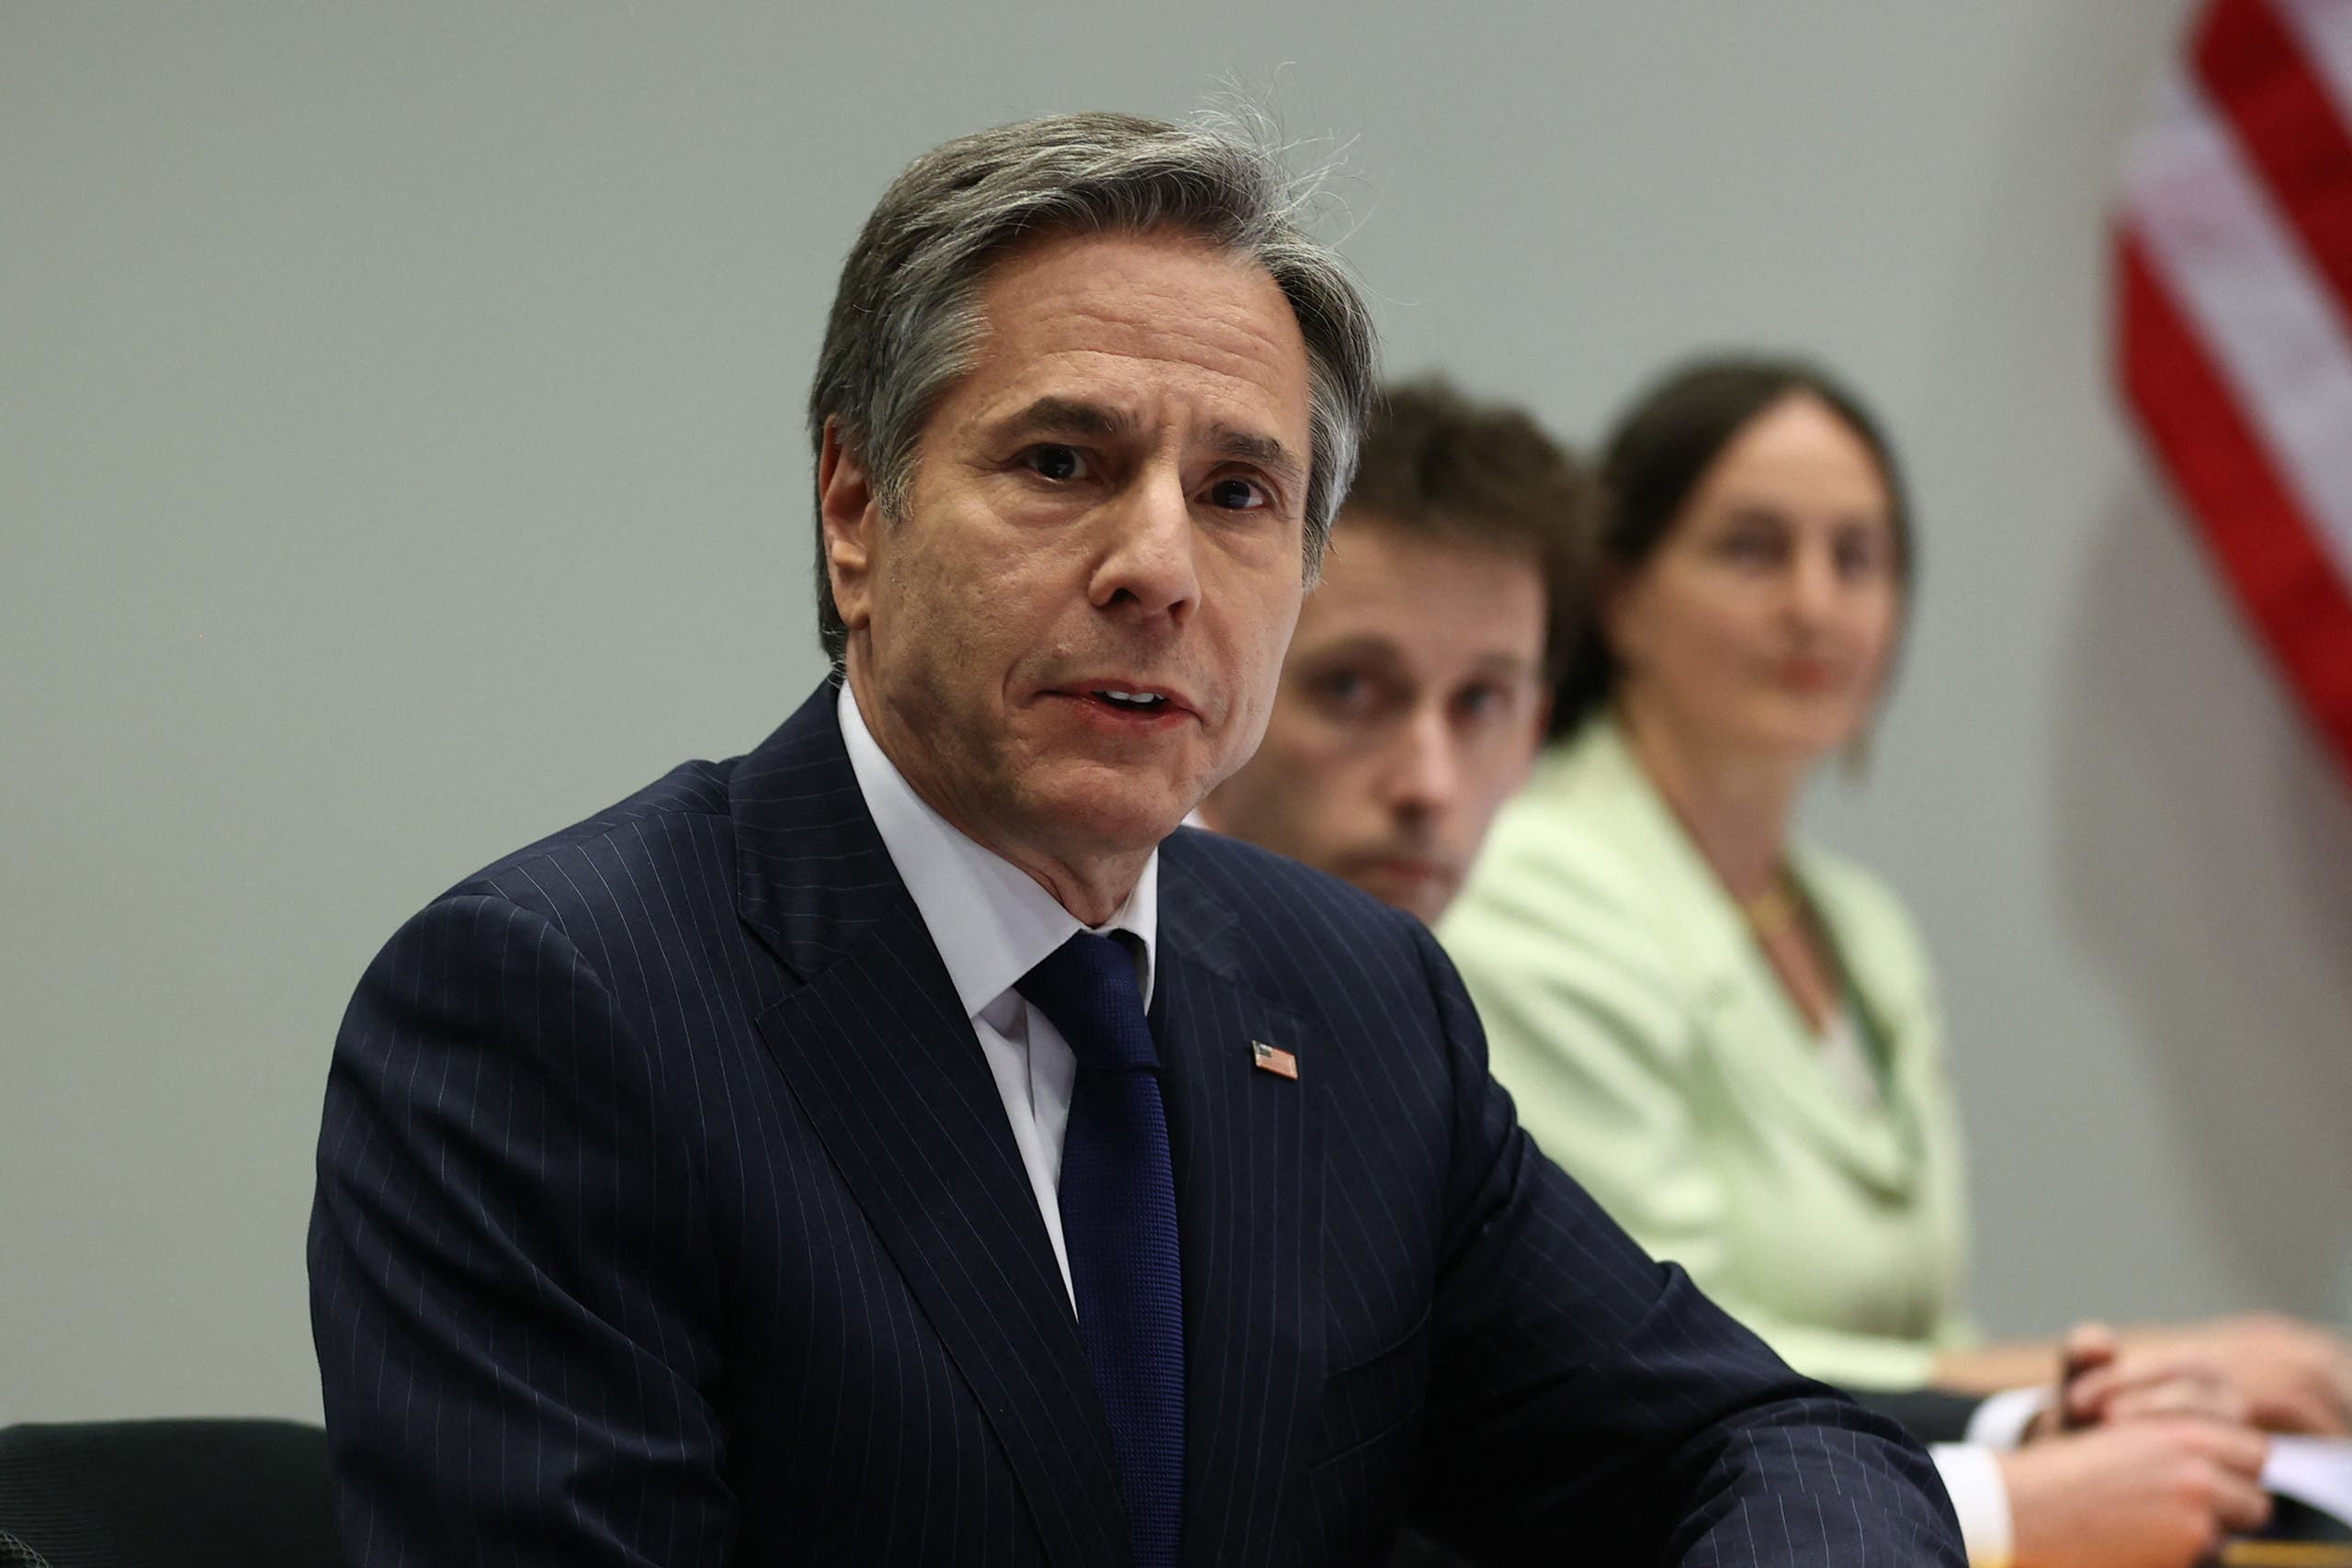 وزير الخارجية الأميركي أنتوني بلينكن - فرانس برس ى